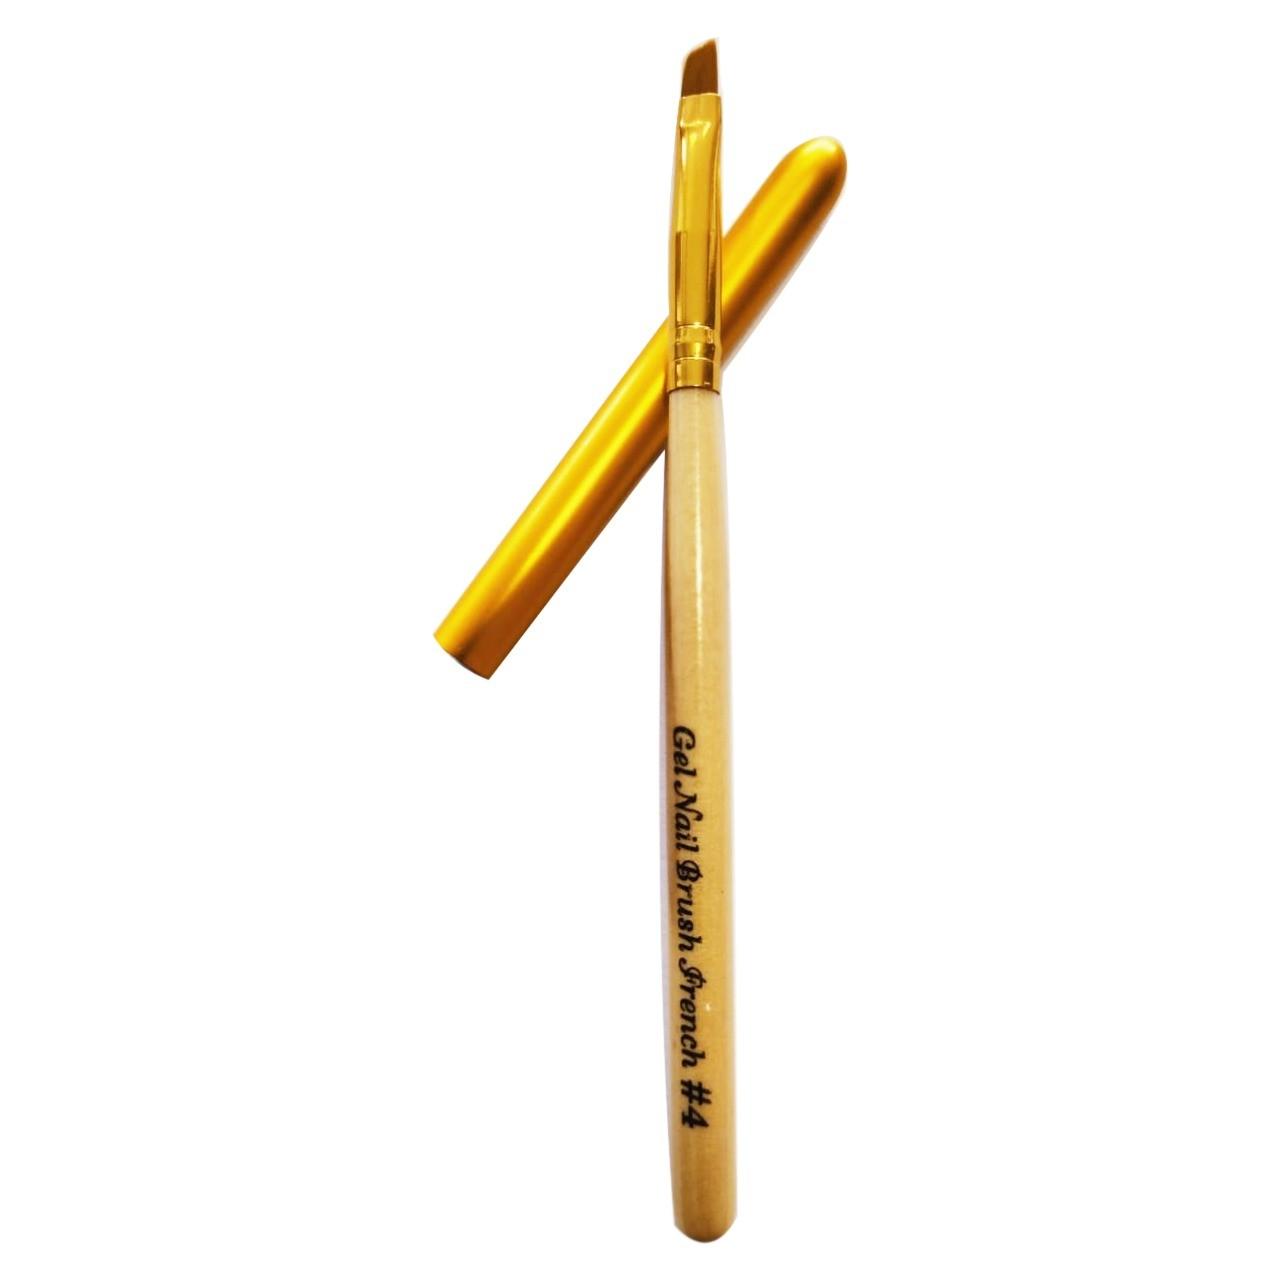 Pincel de madeira com tampa #4